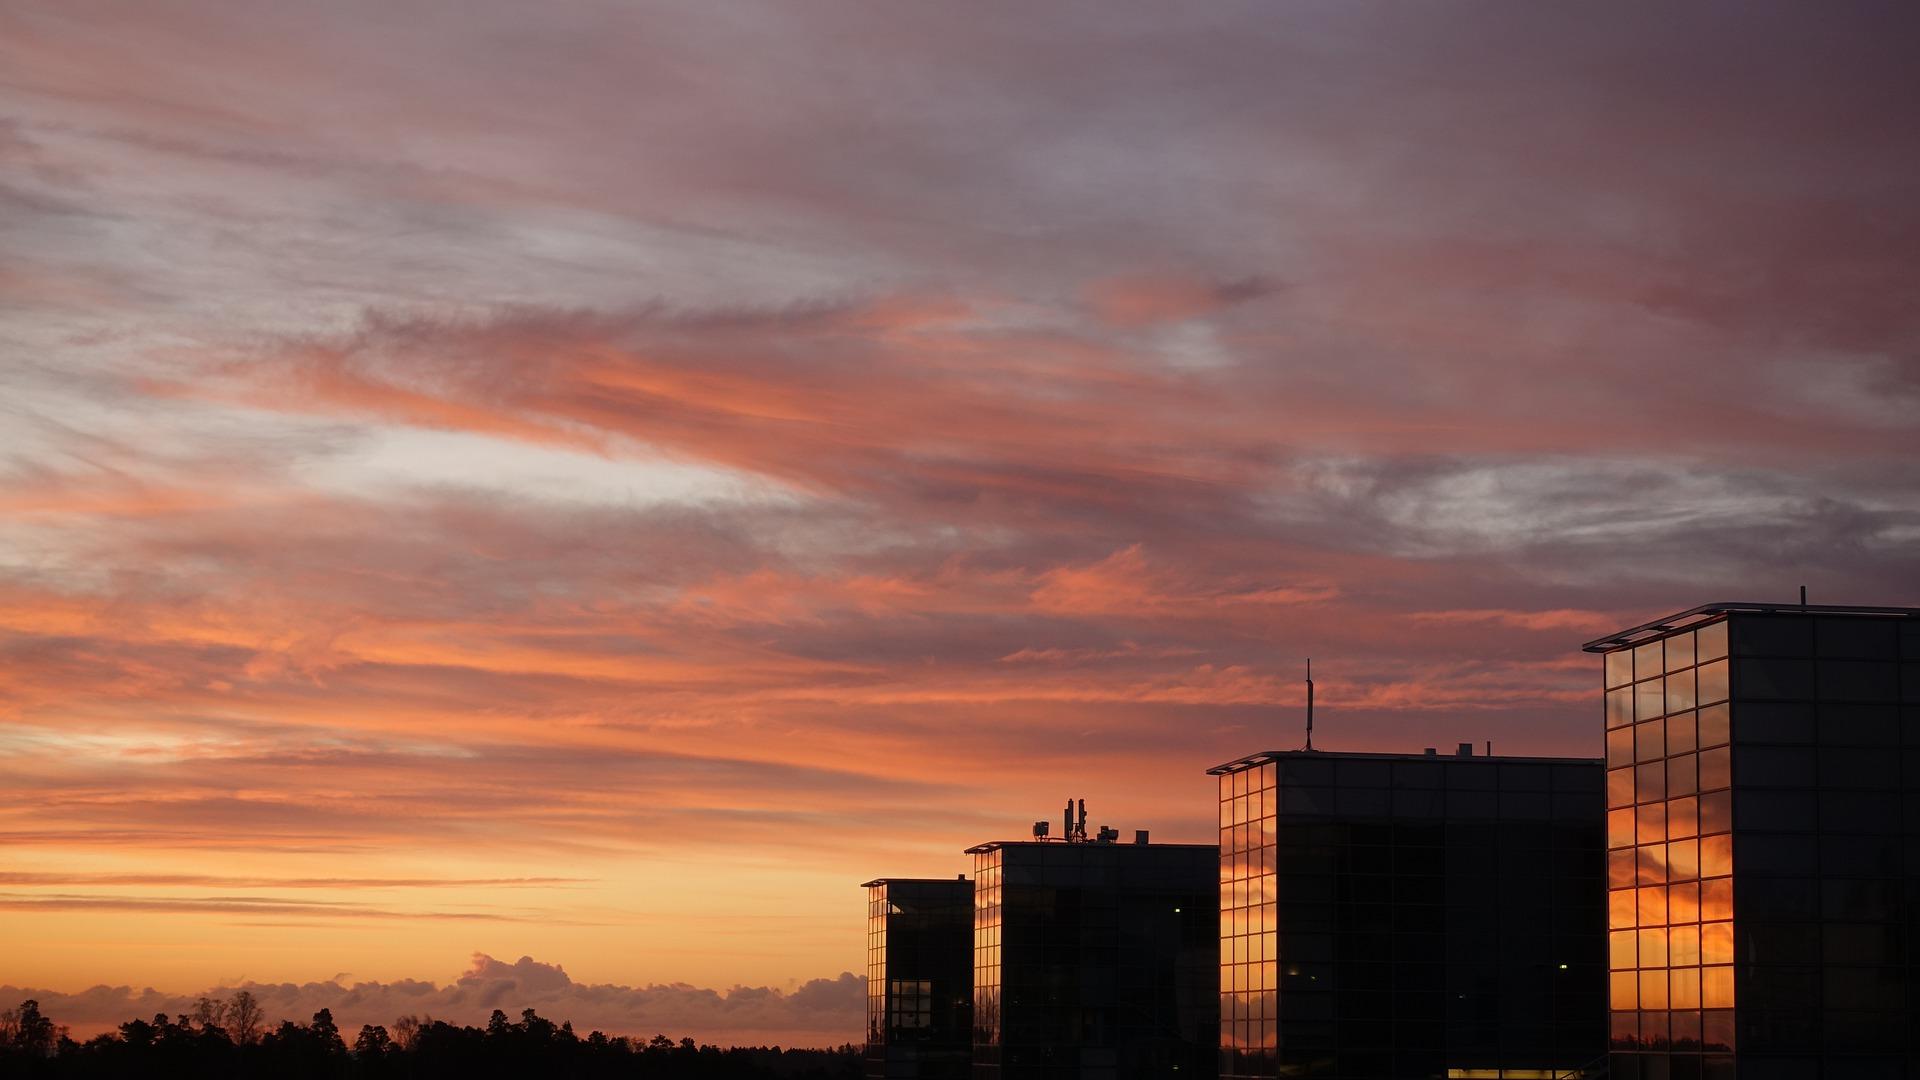 sunrise-4691053_1920